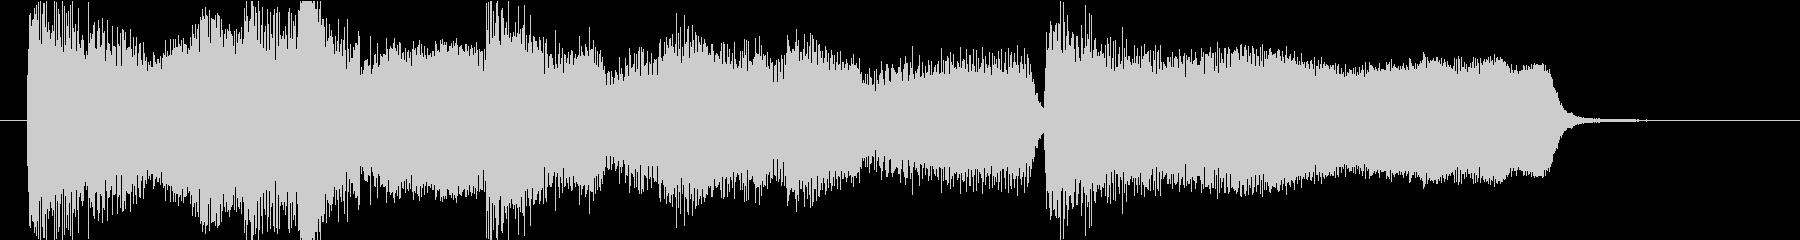 15秒CMの20 安らぎの金管とピアノの未再生の波形